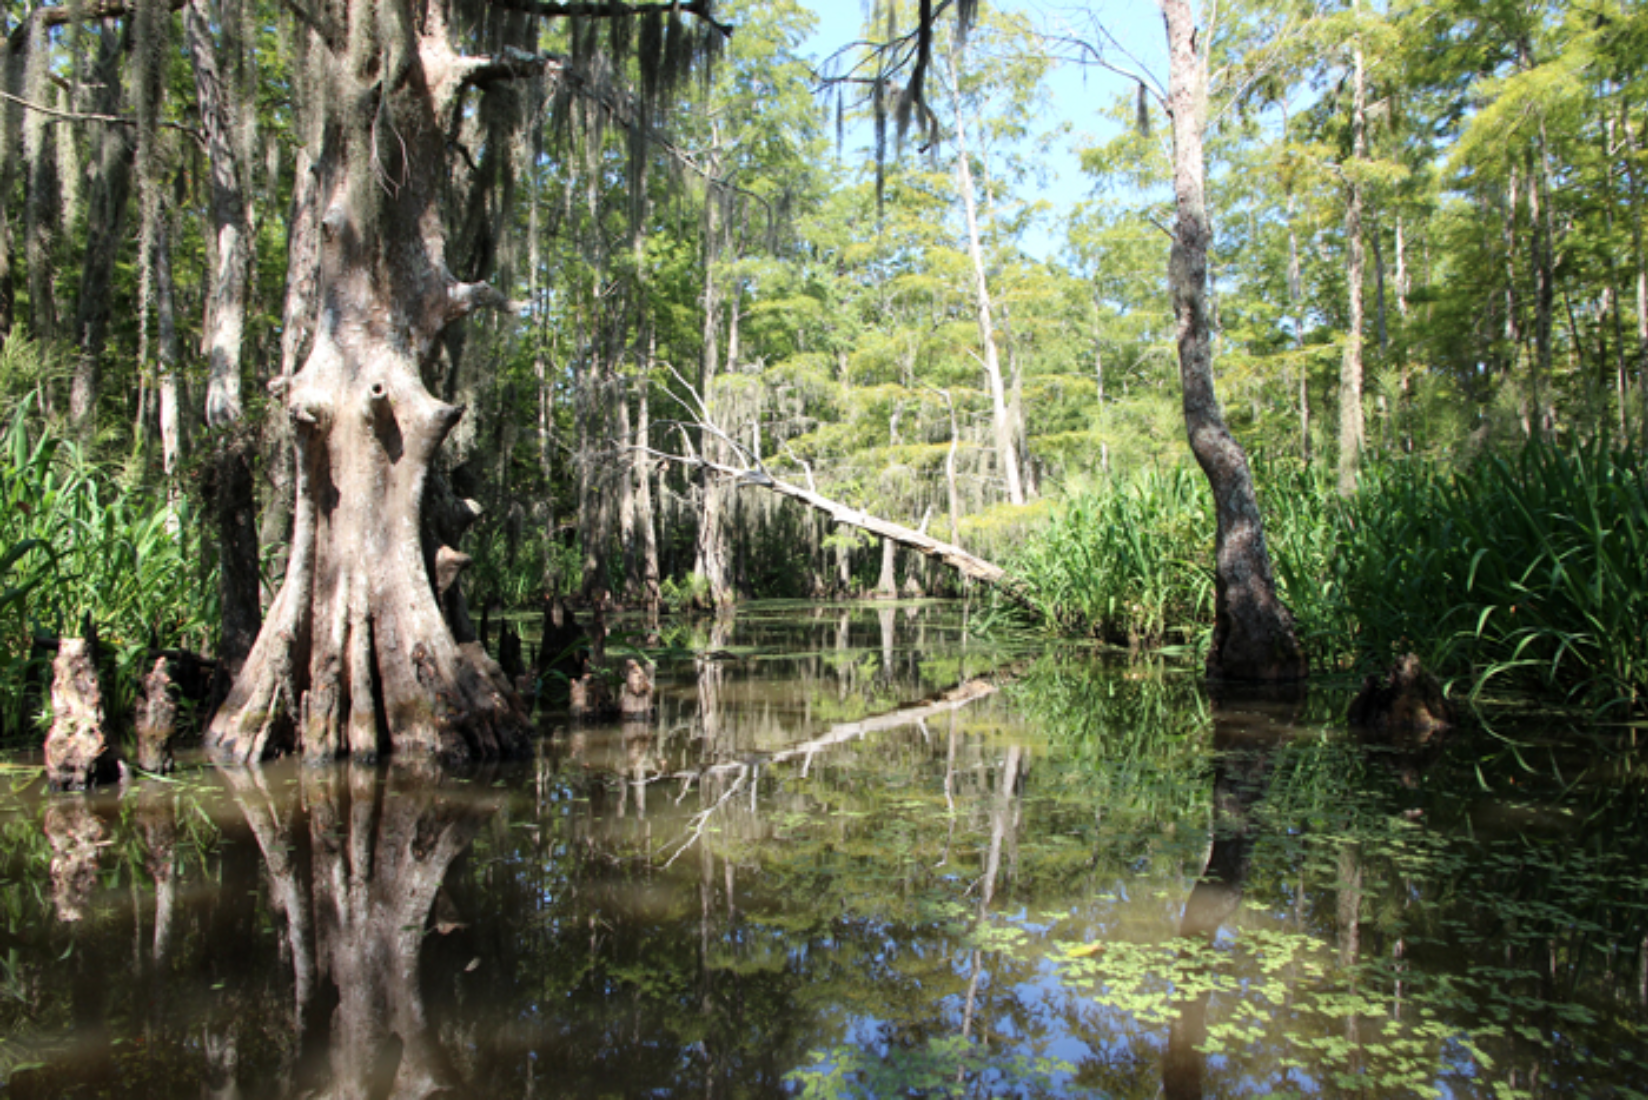 Louisiana Reiseblog